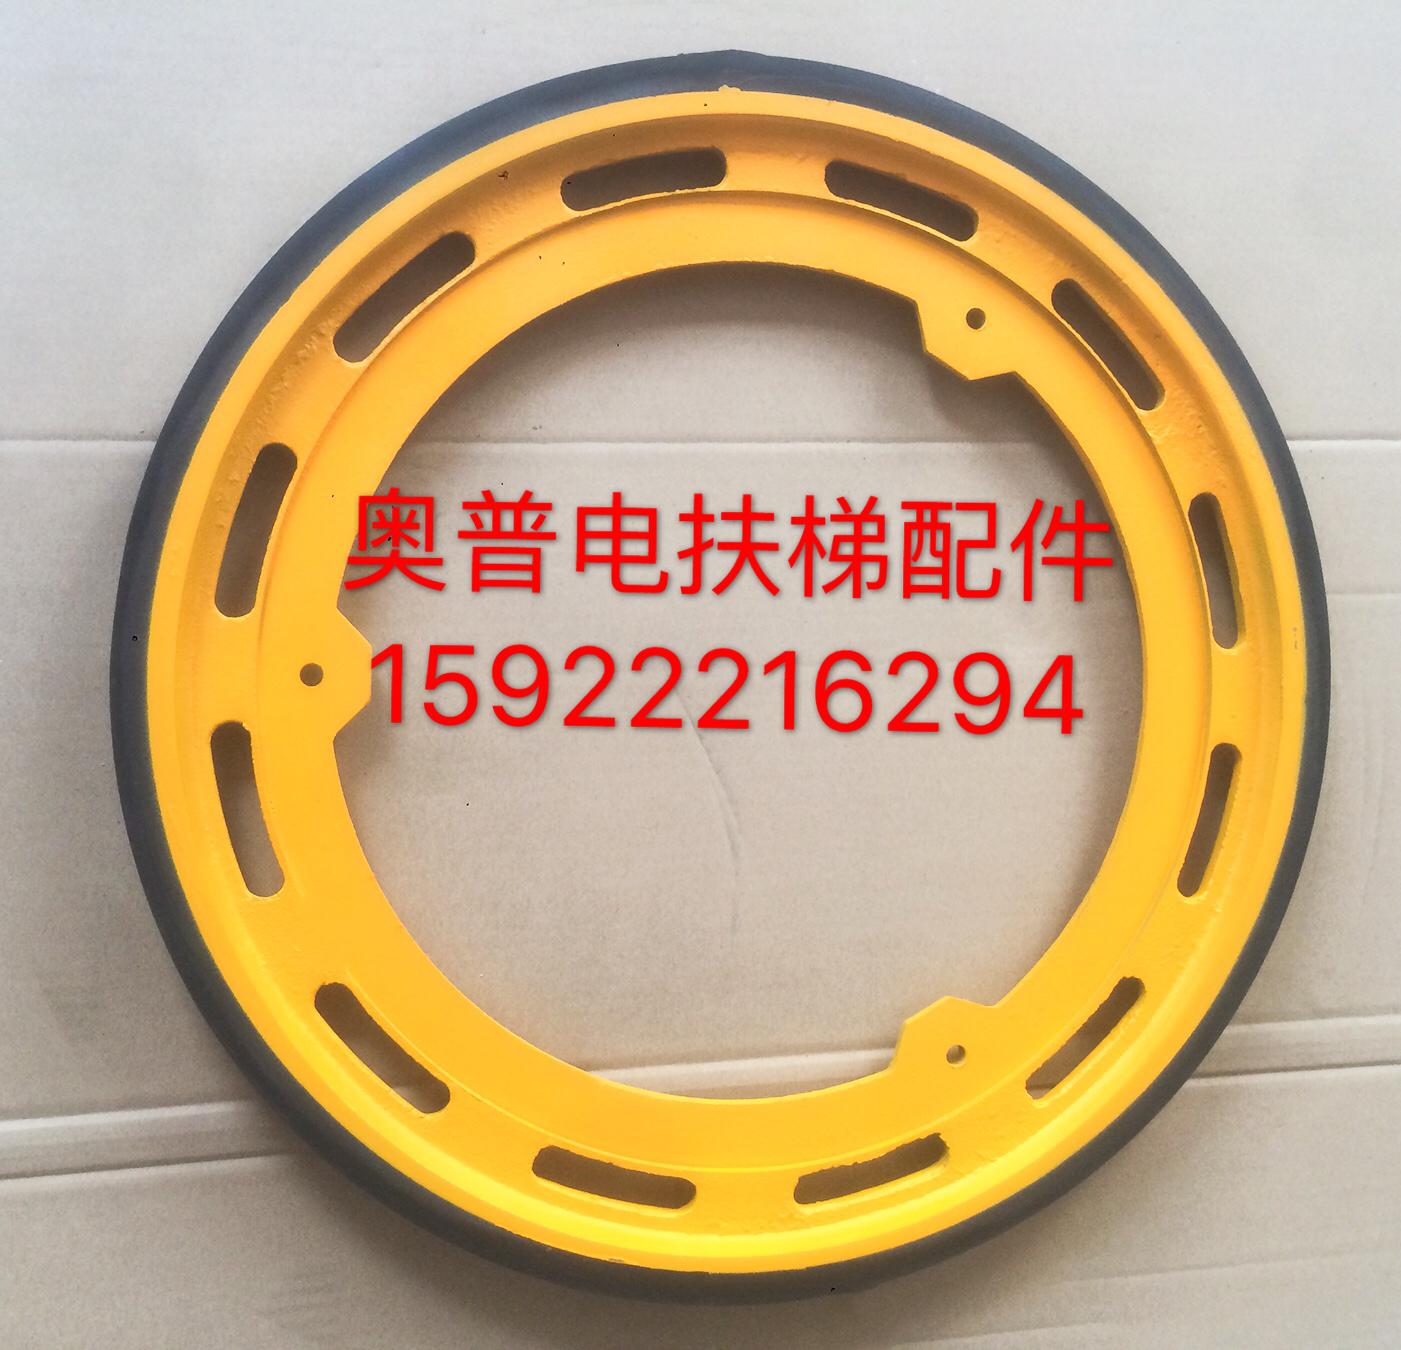 엘리베이터 마찰바퀴 / 迅达 9300 에스컬레이터 마찰바퀴 / 신형 마찰바퀴 3 /498*30* 중 공 공 400